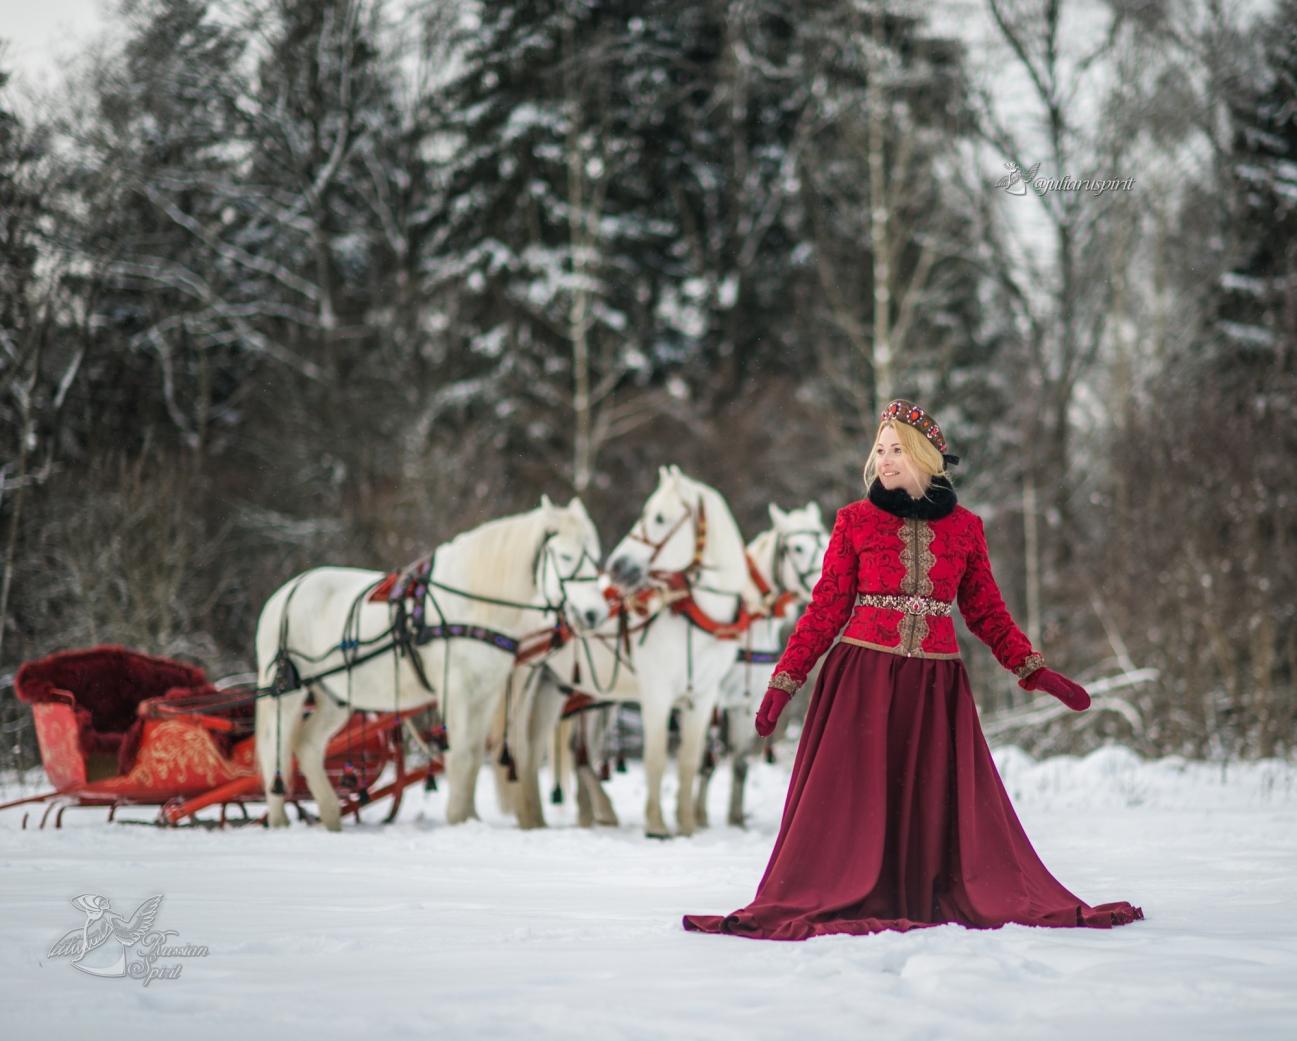 Девушка в русском народном костюме на фоне тройки лошадей